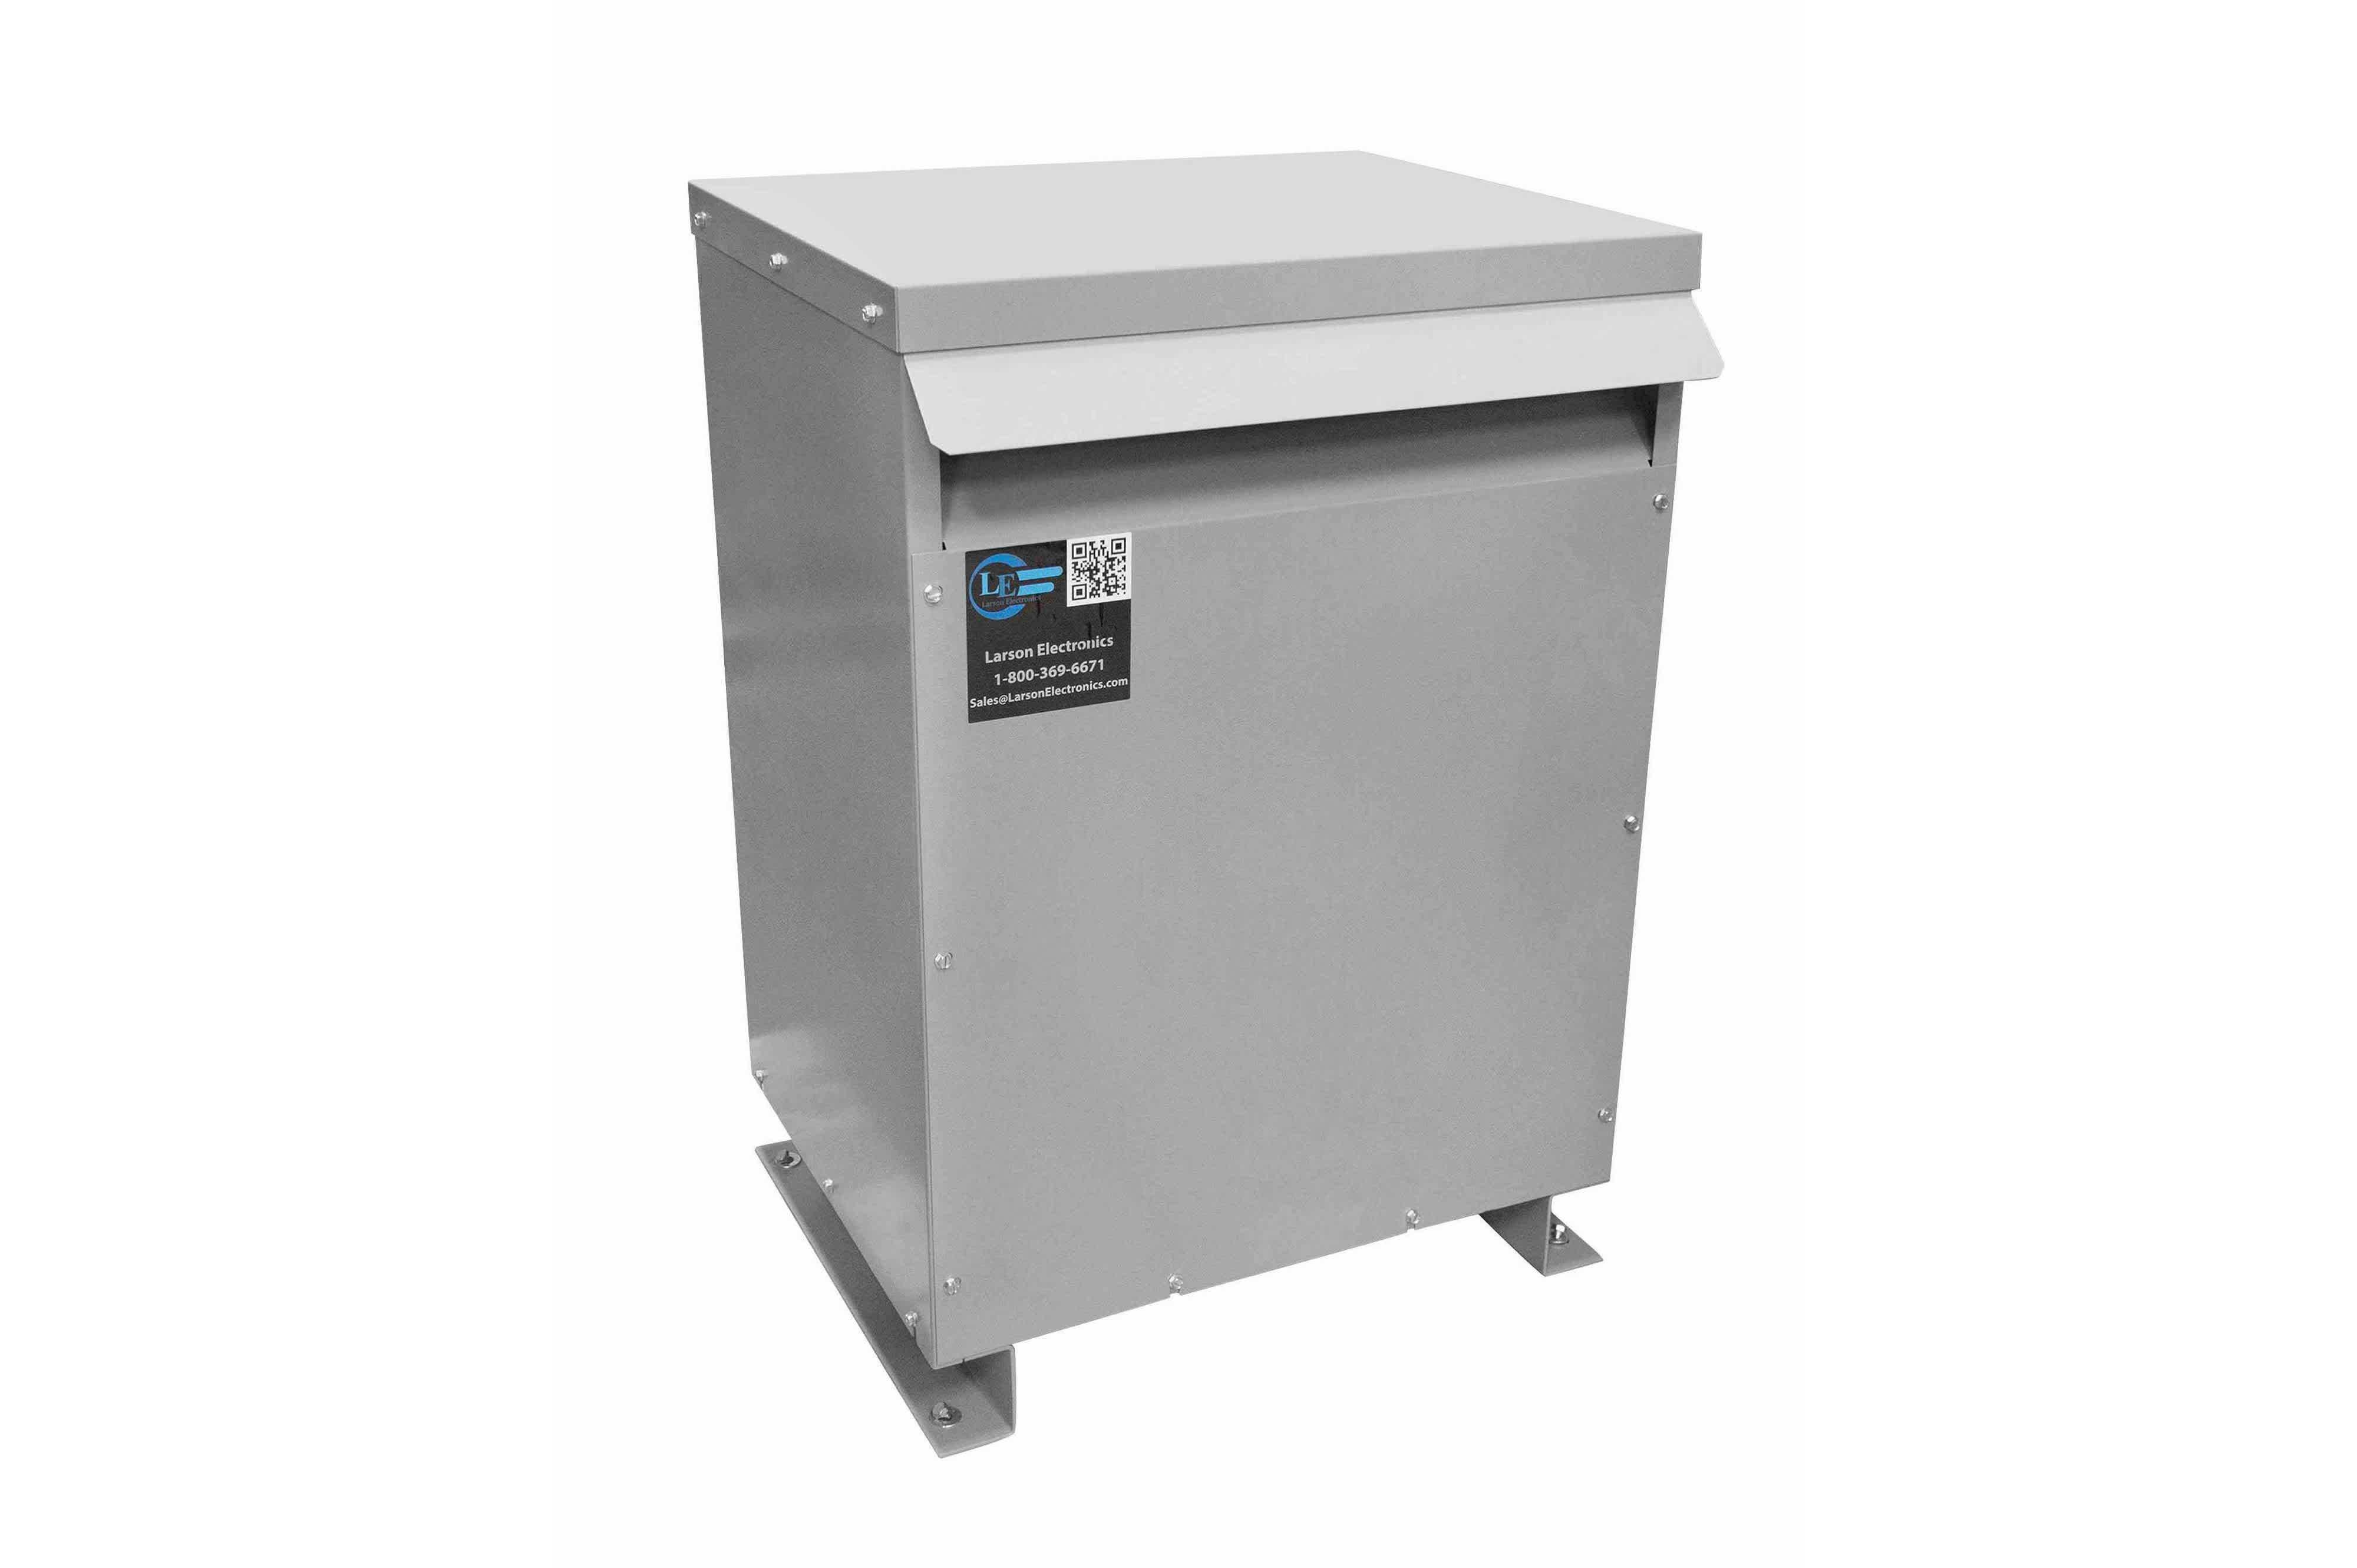 20 kVA 3PH Isolation Transformer, 400V Delta Primary, 600V Delta Secondary, N3R, Ventilated, 60 Hz